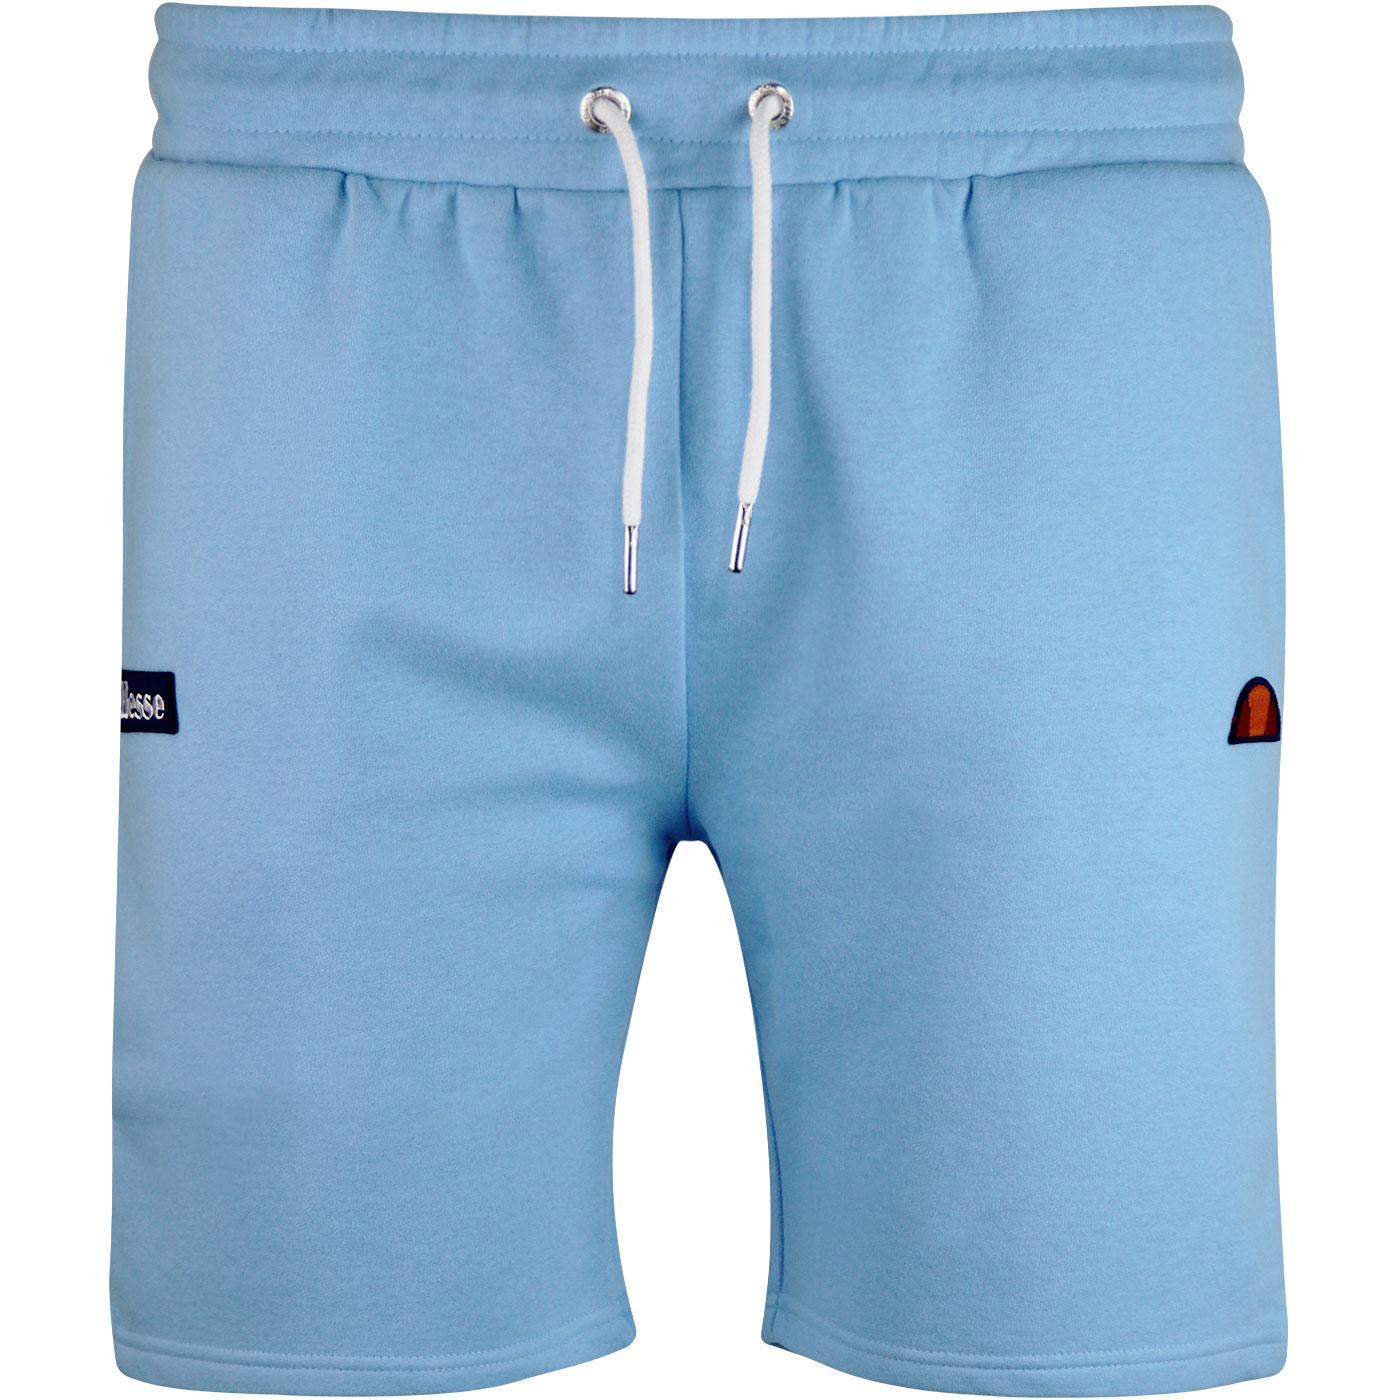 Noli ELLESSE Men's Retro 80s Jersey Shorts in Blue